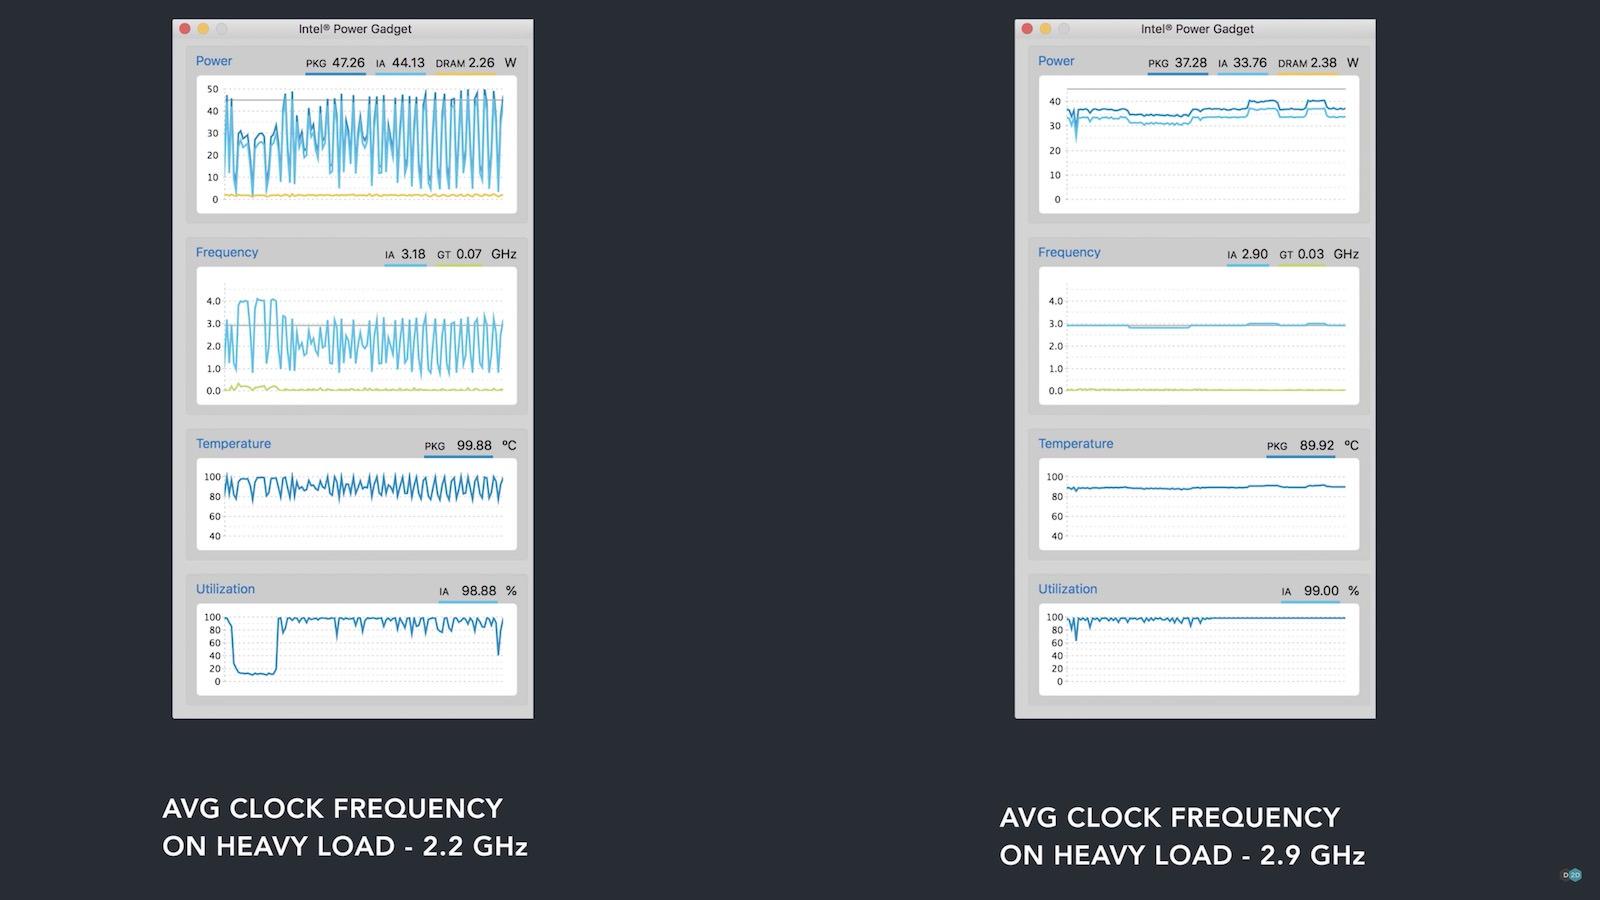 Clock-speed-has-gotten-better-after-the-patch-2.jpg